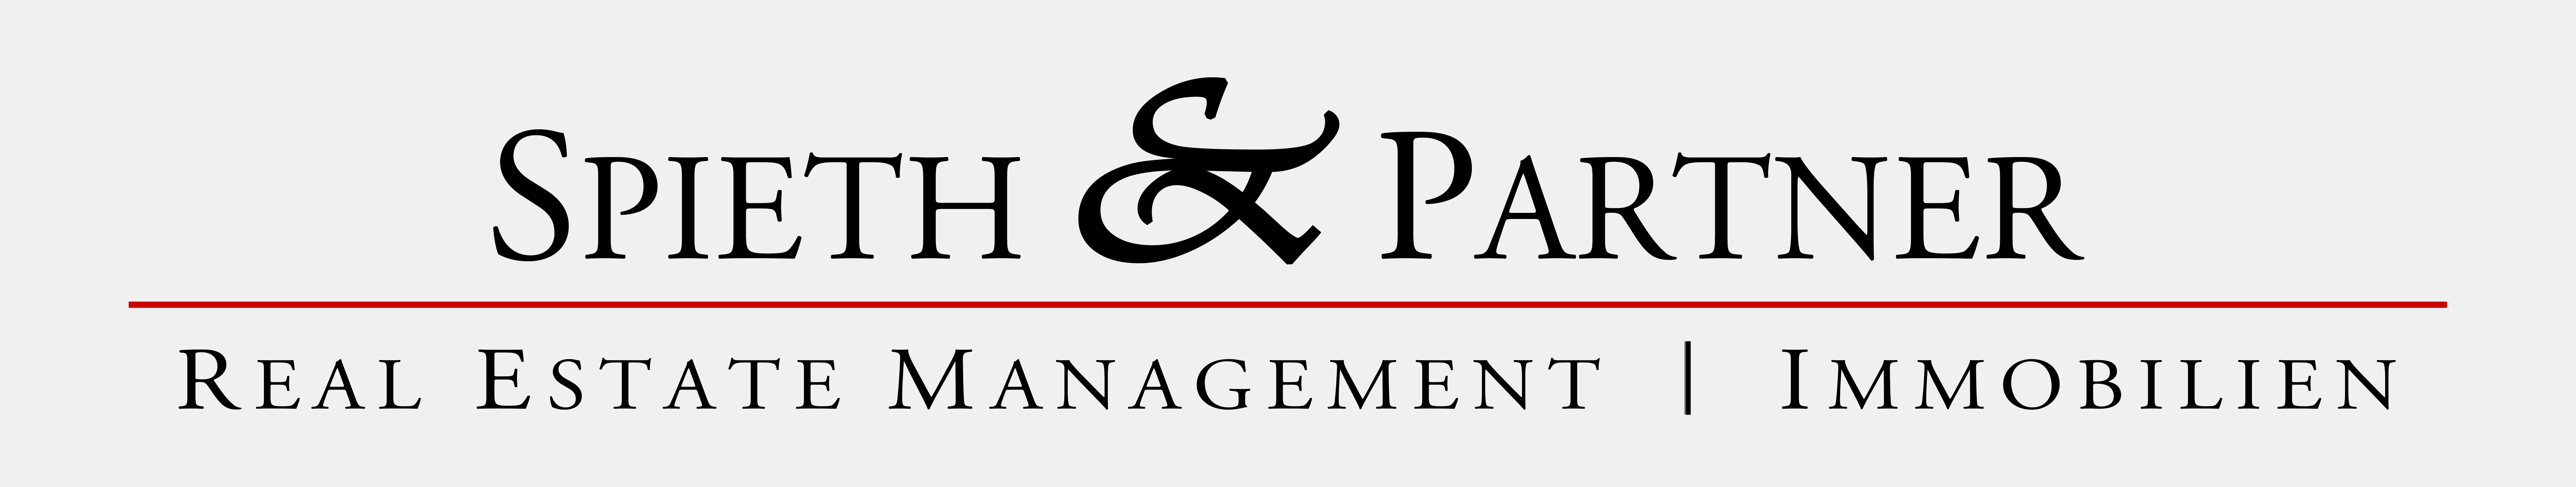 Hier sehen Sie das Logo von Spieth & Partner Immobilien